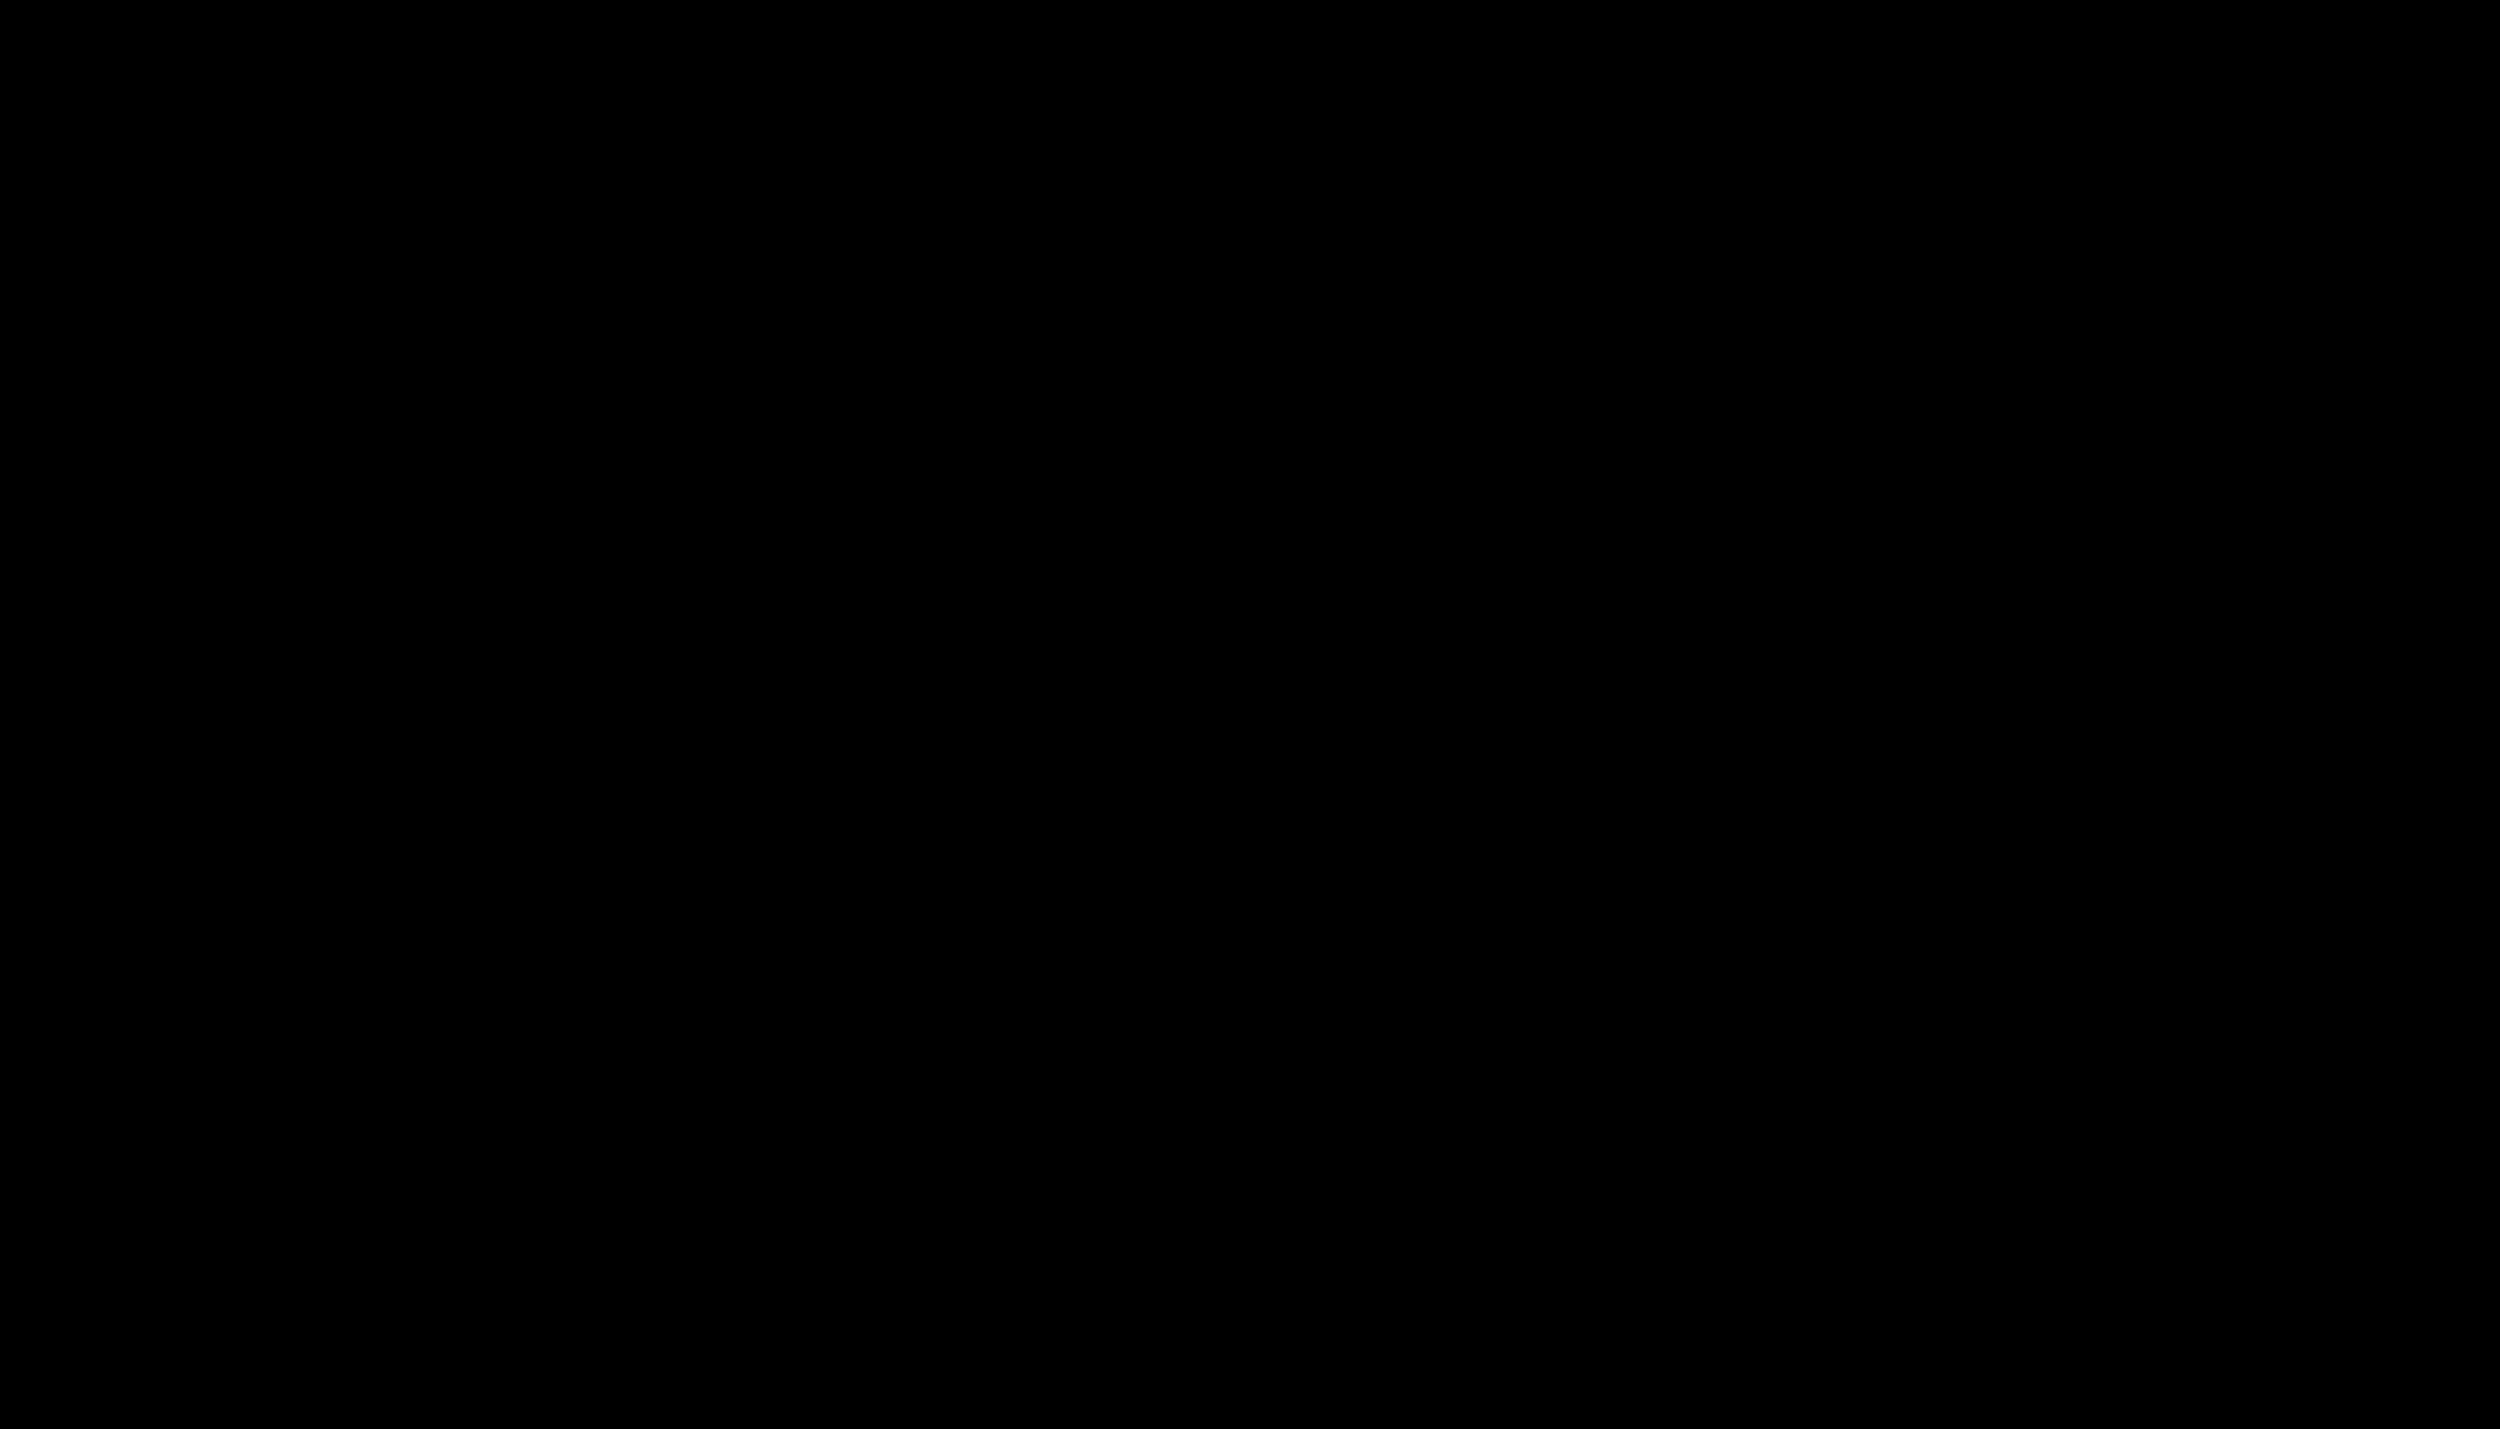 Logos_Zeichenfläche 1 Kopie.png